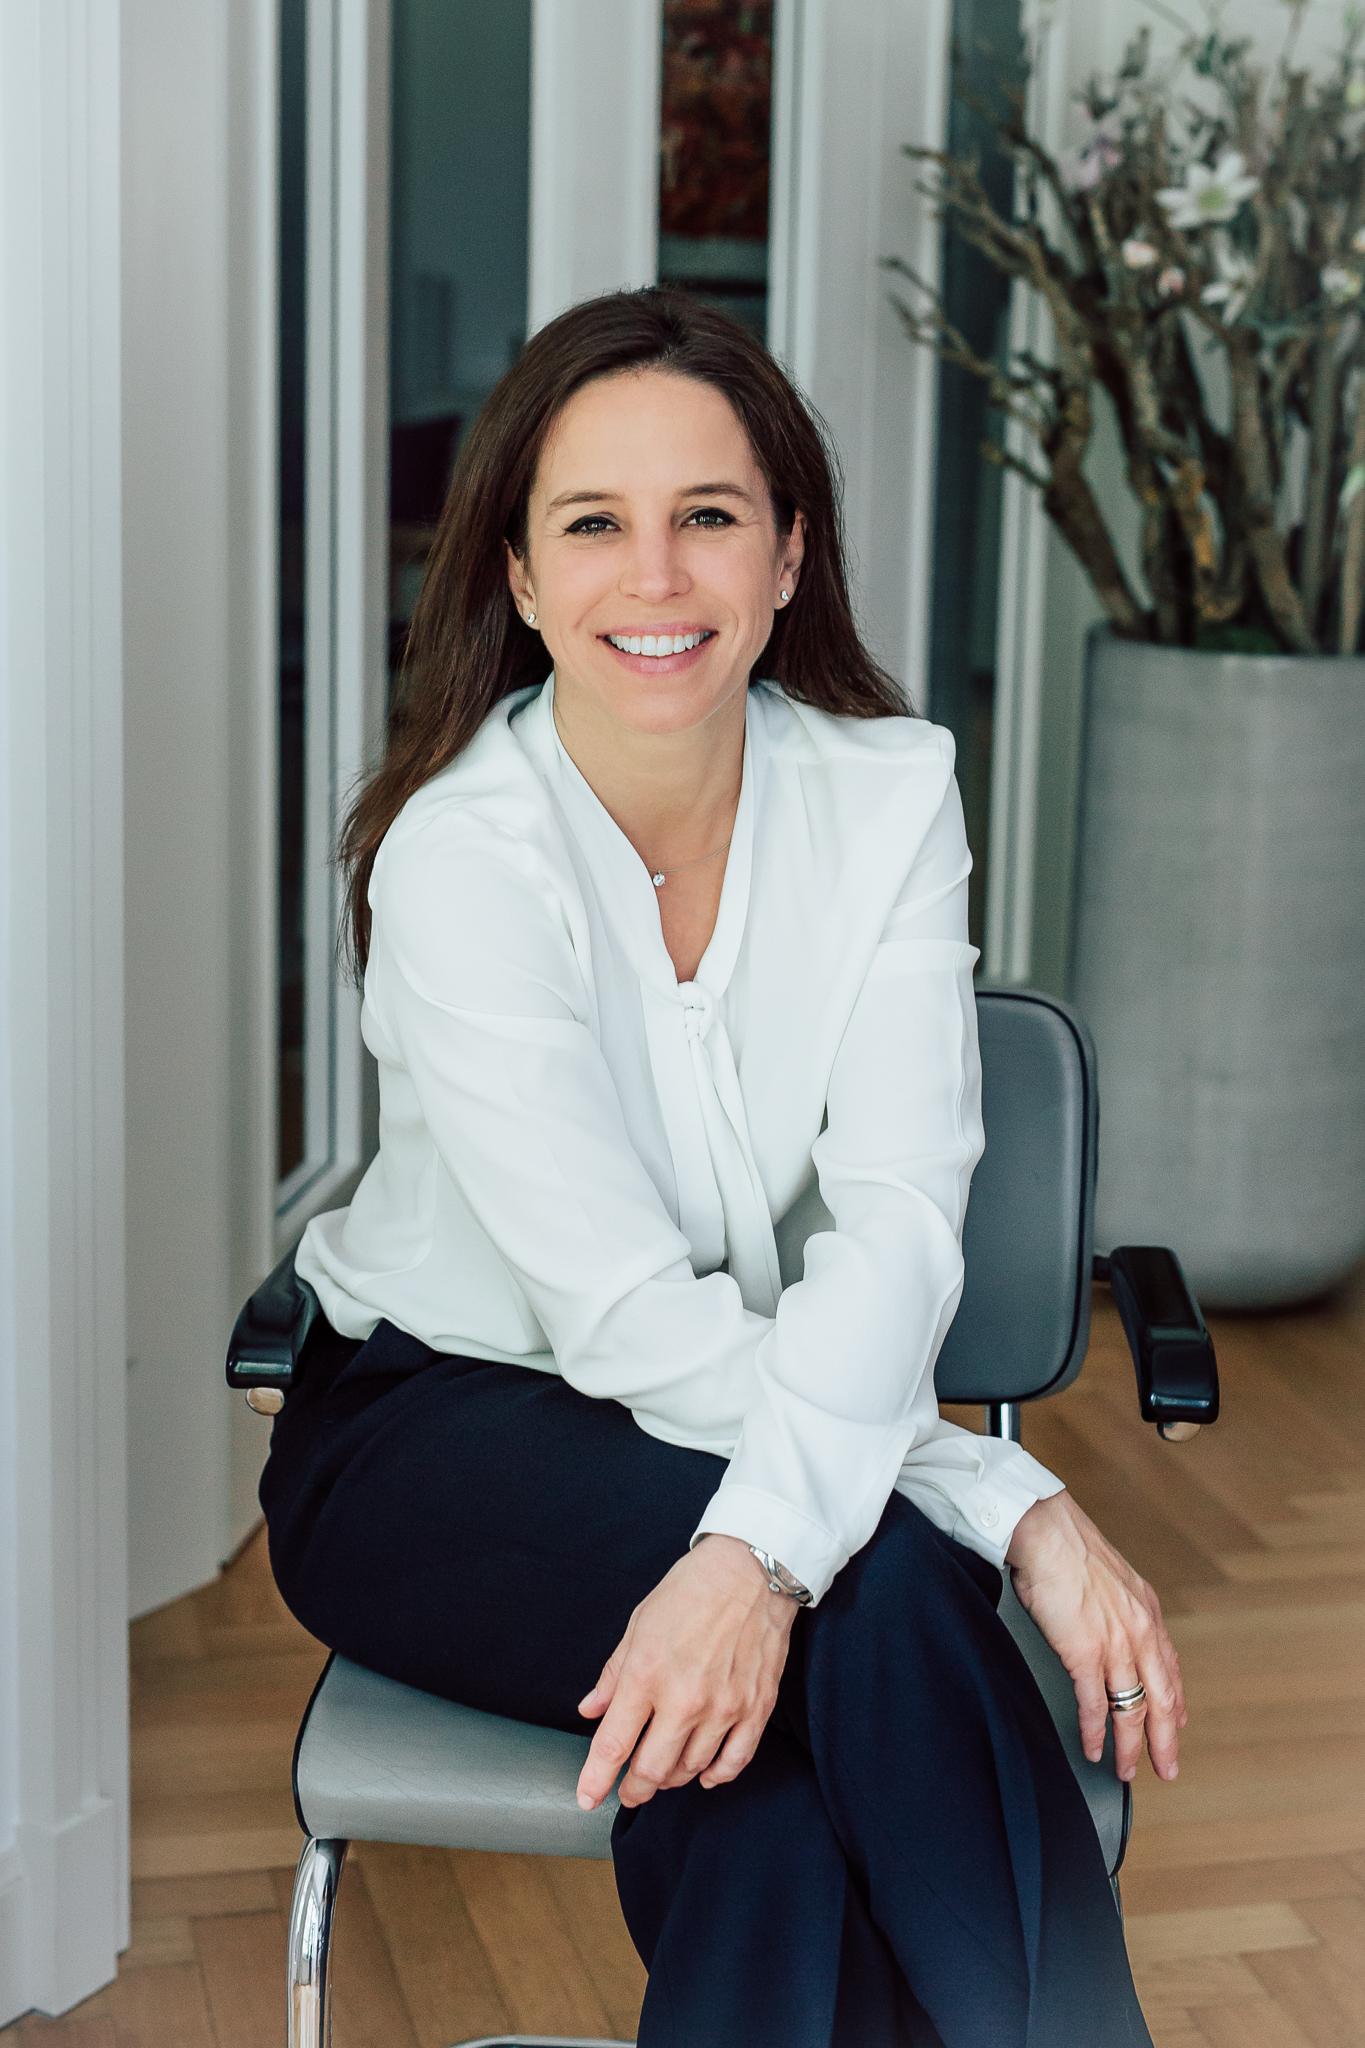 Nicole Freitag